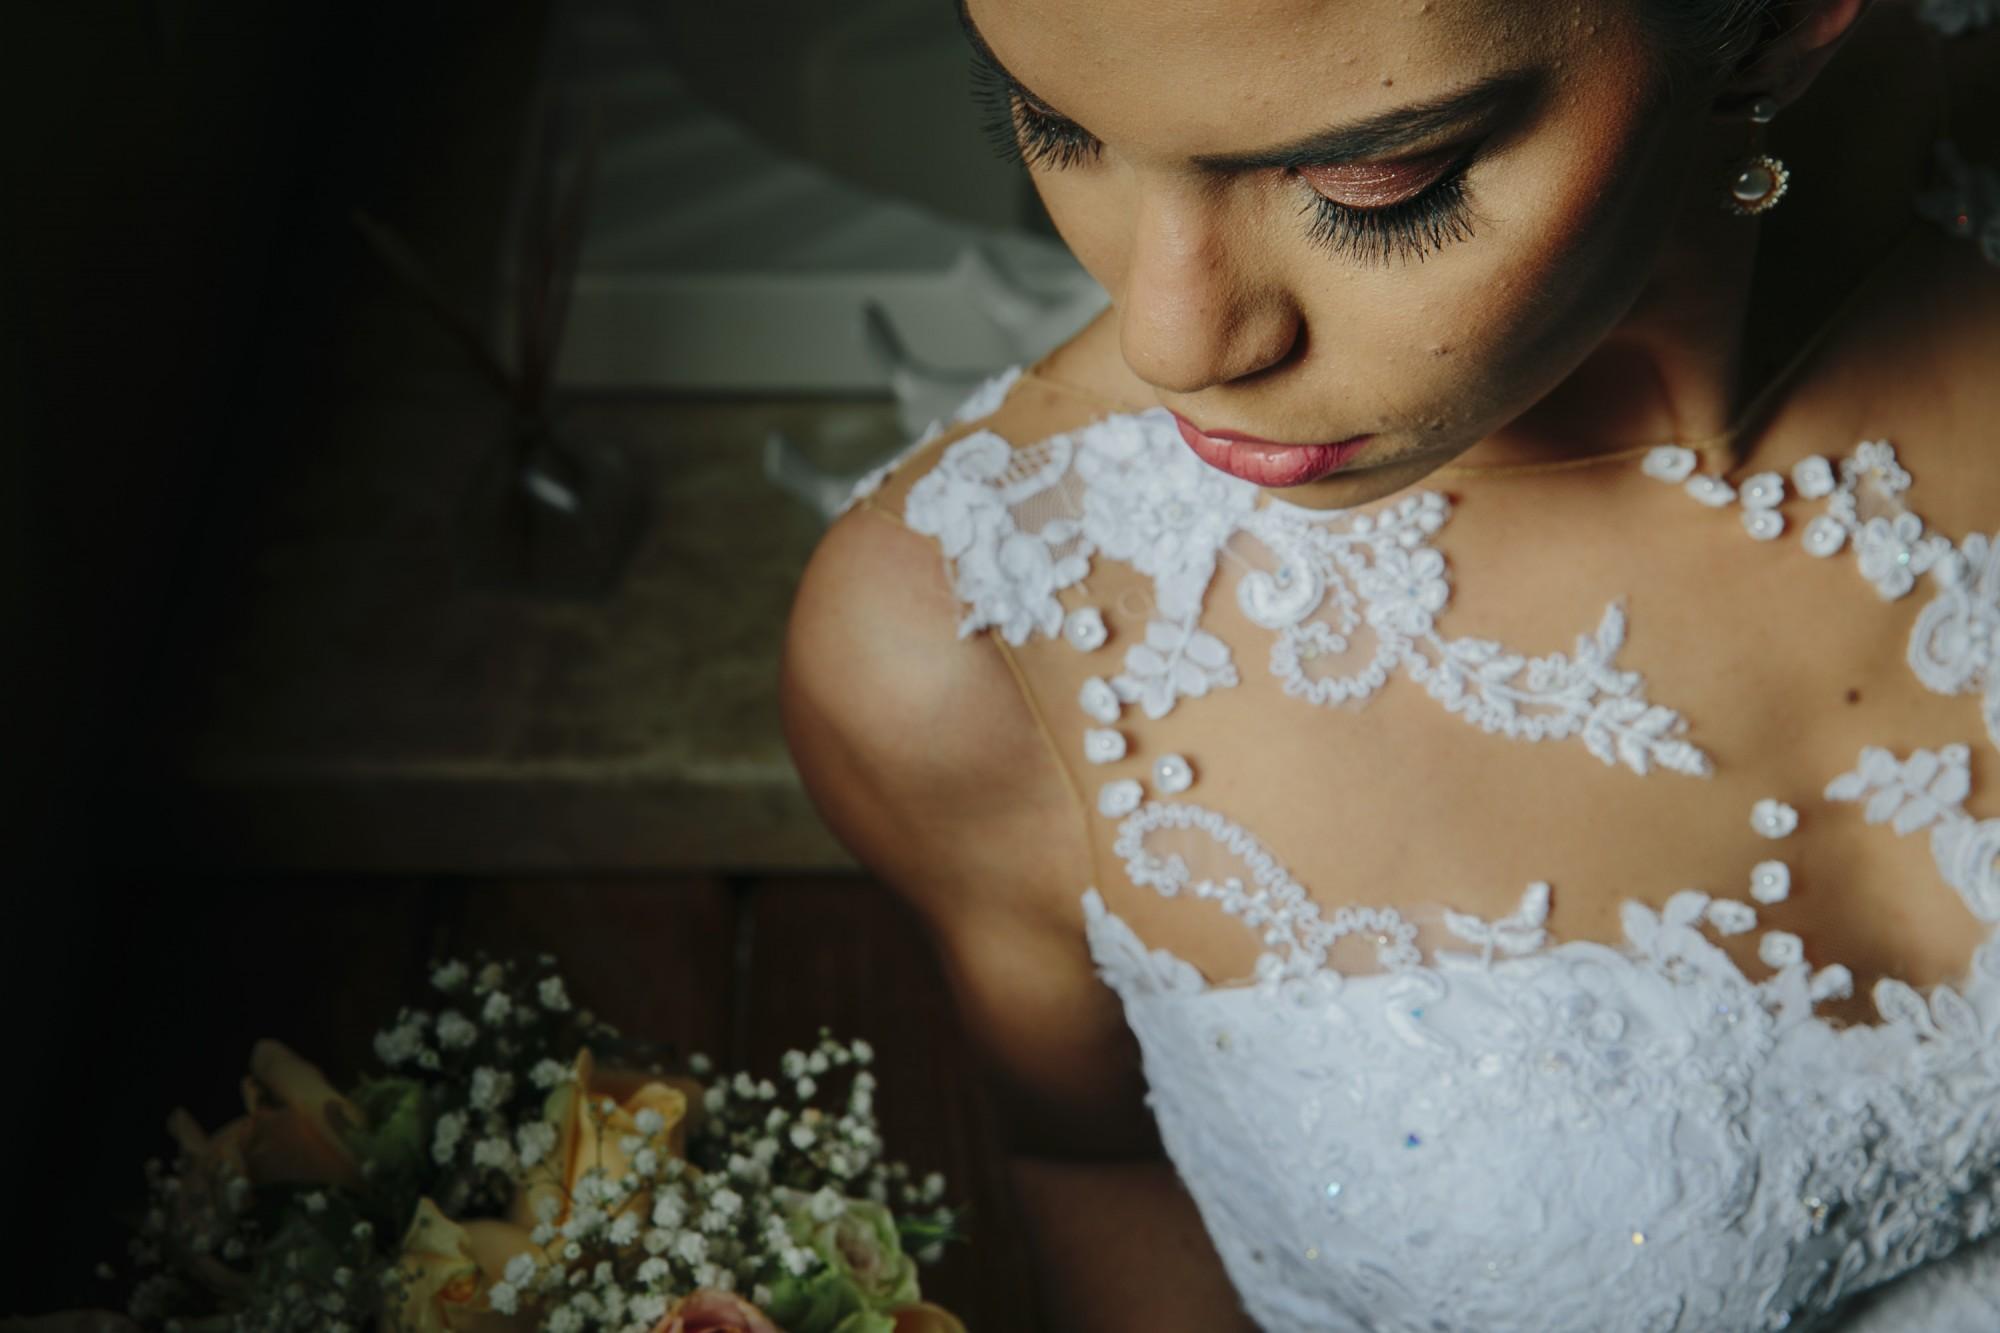 Casamento Camila Rampim e Rafael em Terra Roxa - Paraná - por Lorran Souza e Léia Sotile - fotografos de casamentos - 12